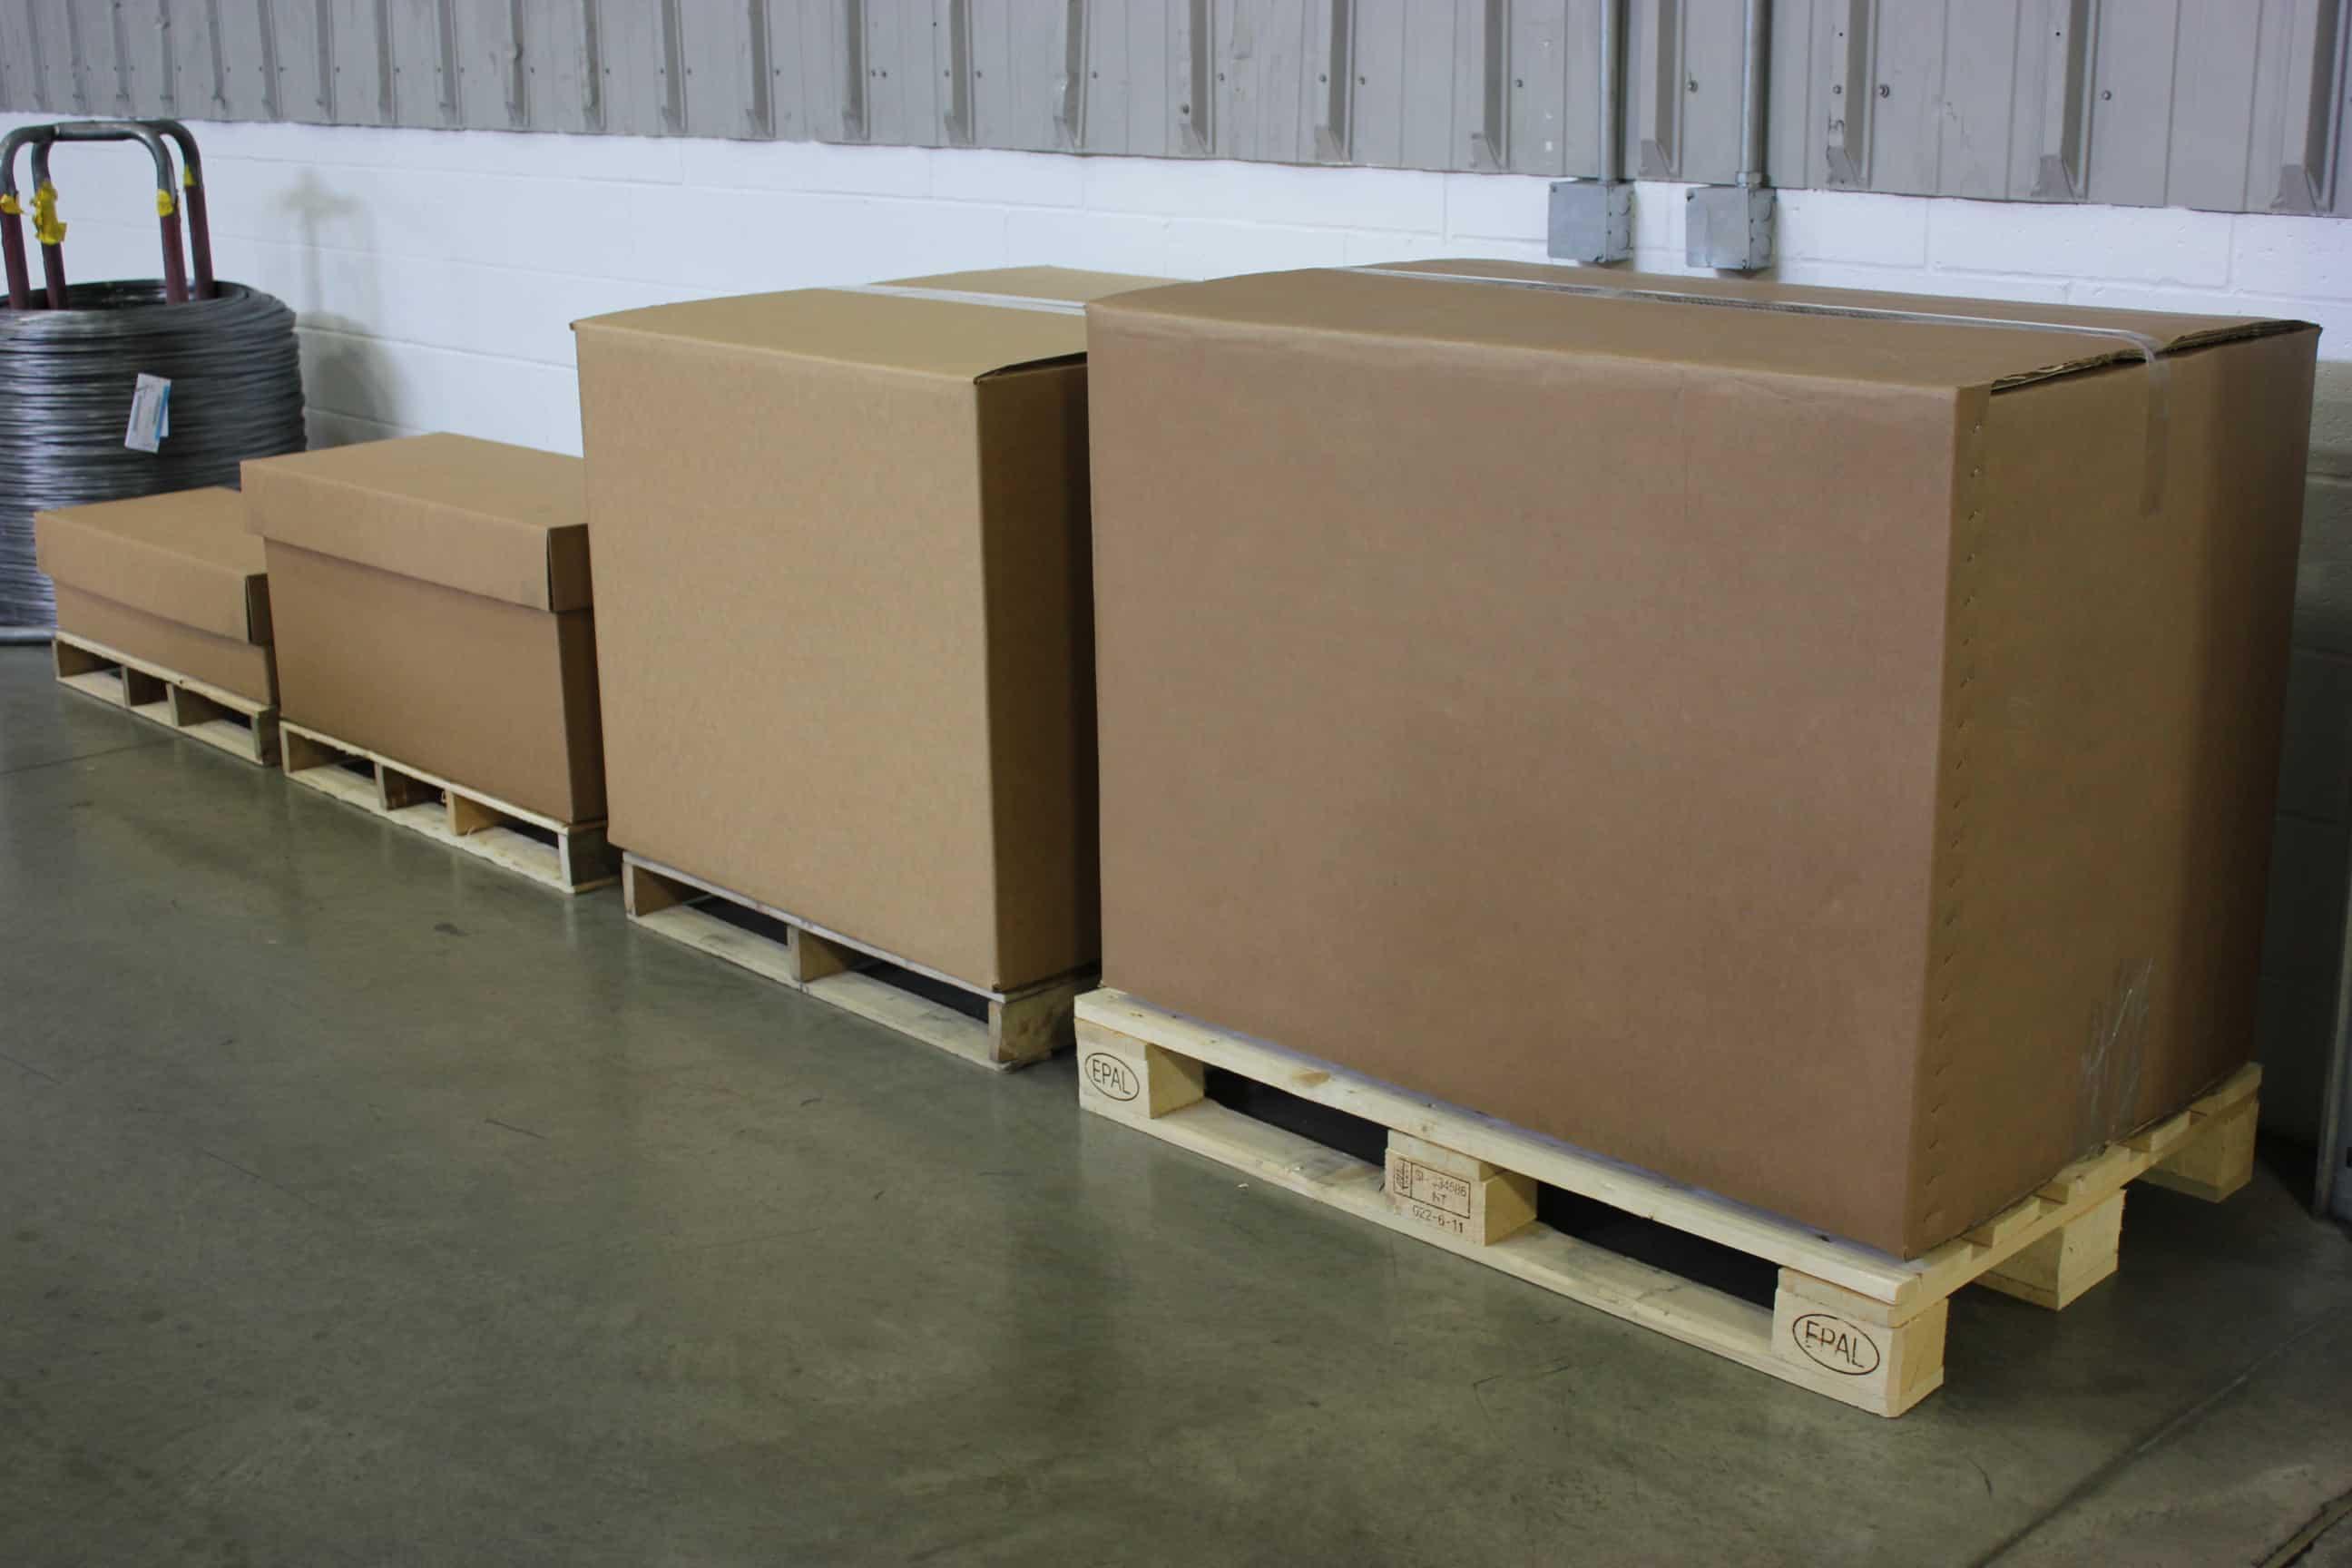 Build Crates